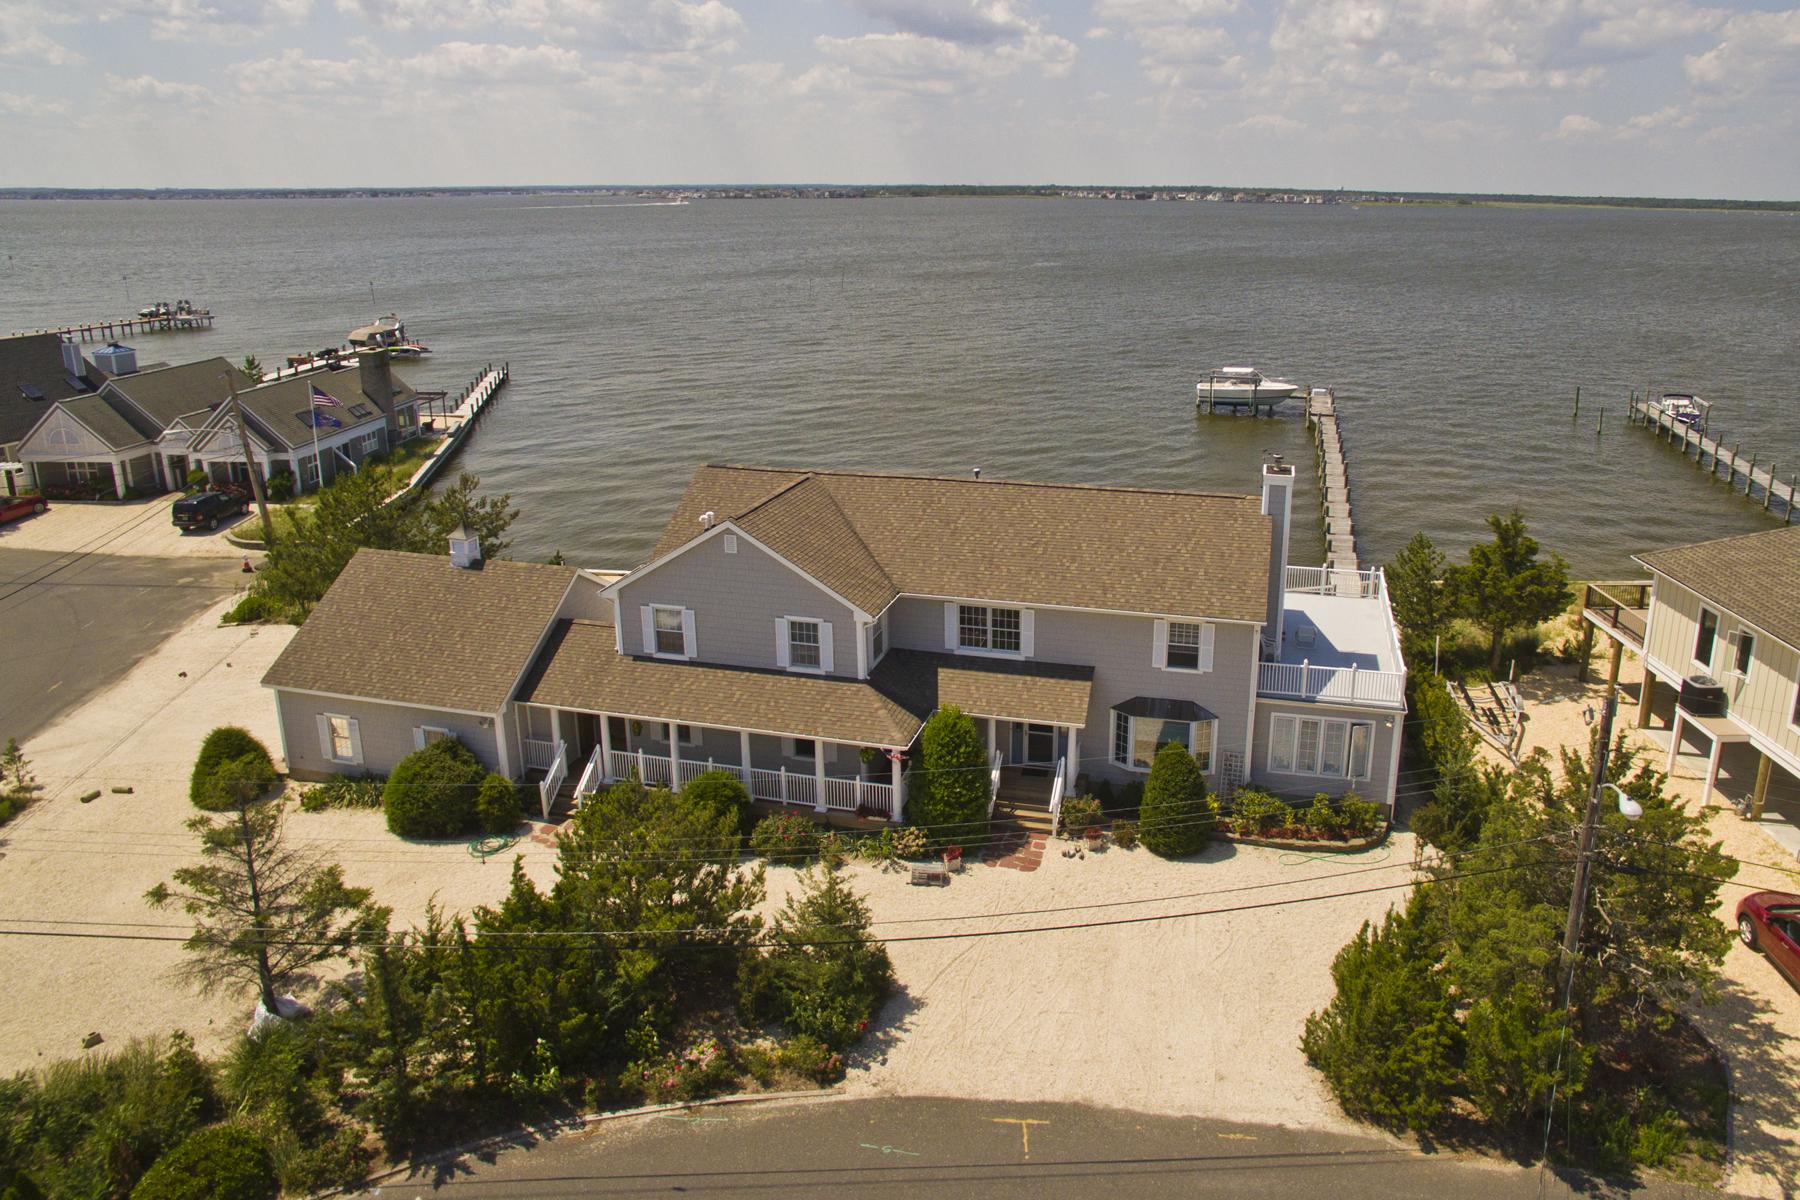 独户住宅 为 销售 在 Largest Bayfront in Normandy Beach! 497 Normandy Drive 诺曼底海滩, 新泽西州 08739 美国